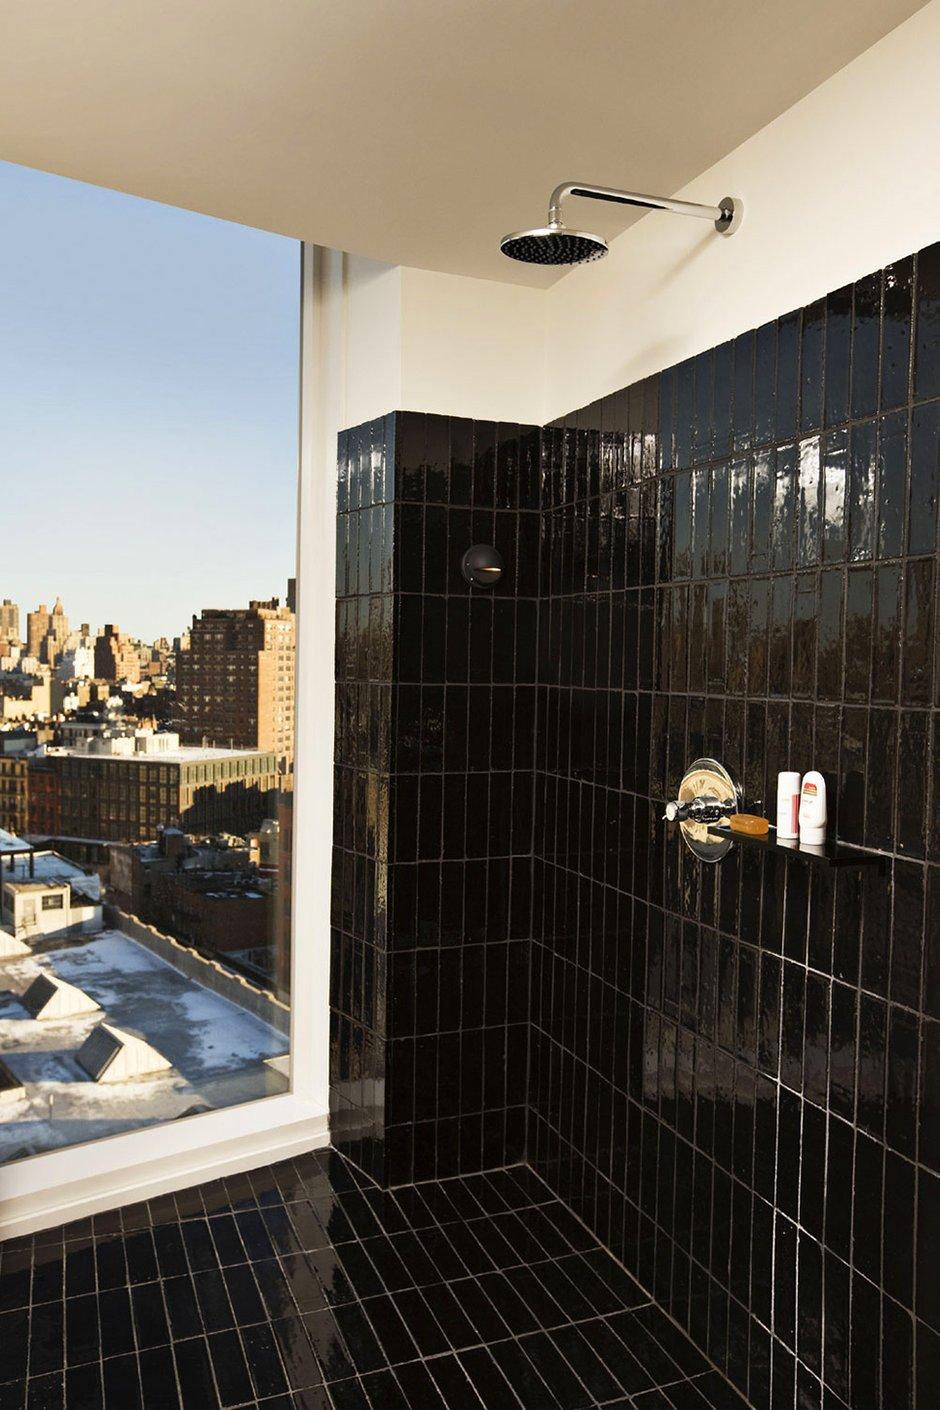 Фотография: Ванная в стиле Современный, Декор интерьера, Дома и квартиры, Городские места, Отель, Проект недели, Нью-Йорк – фото на INMYROOM